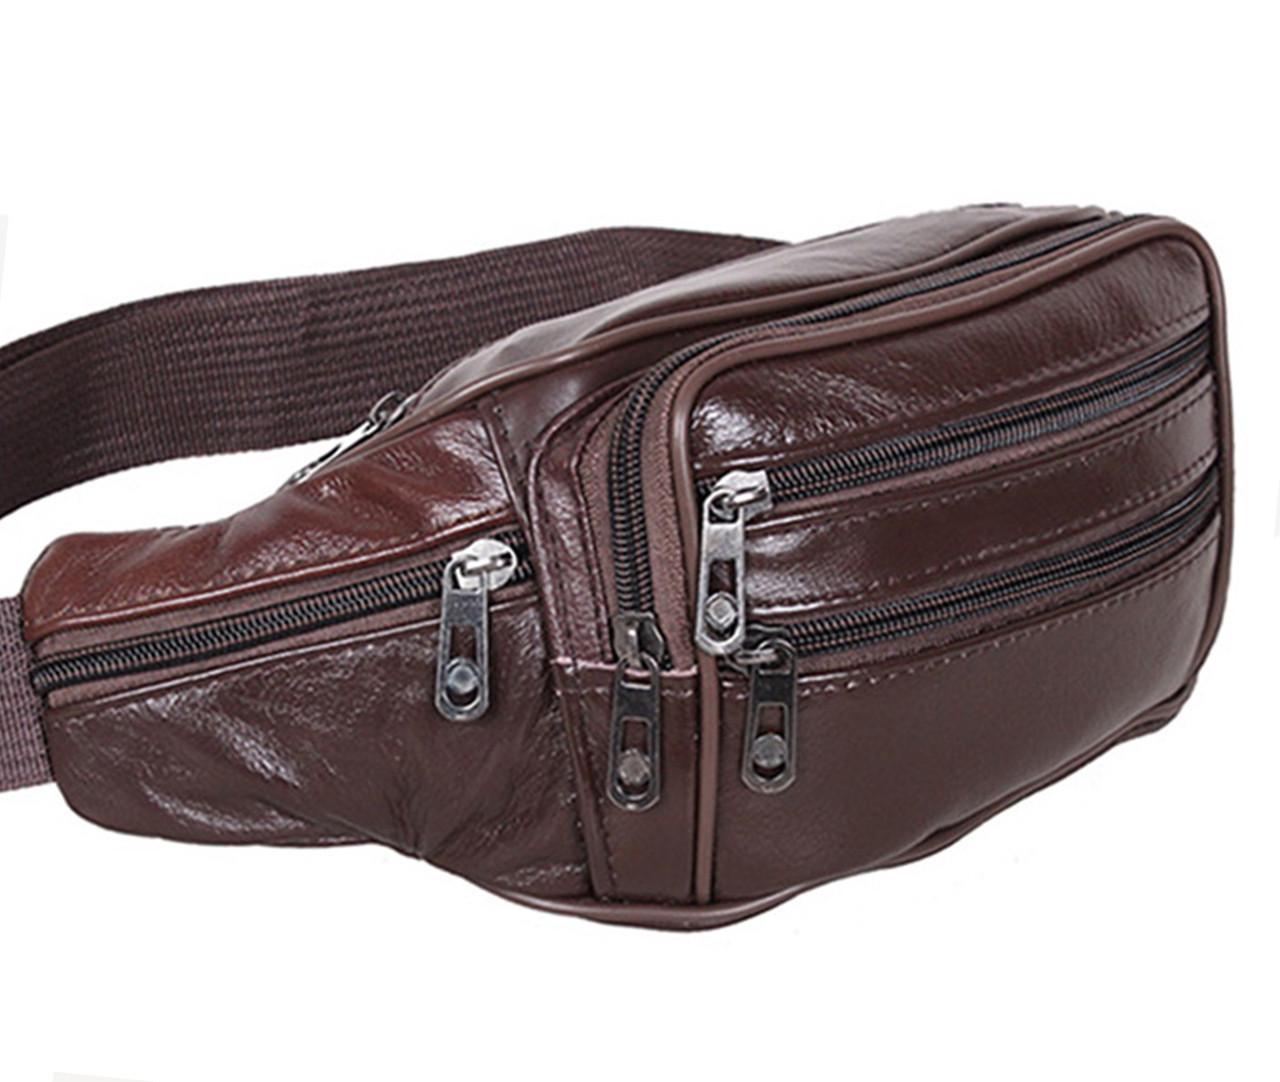 Кожаная сумка на пояс R003 коричневая поясная барсетка через плечо мужская  женская барыжка натуральная кожа ed4250fb14f